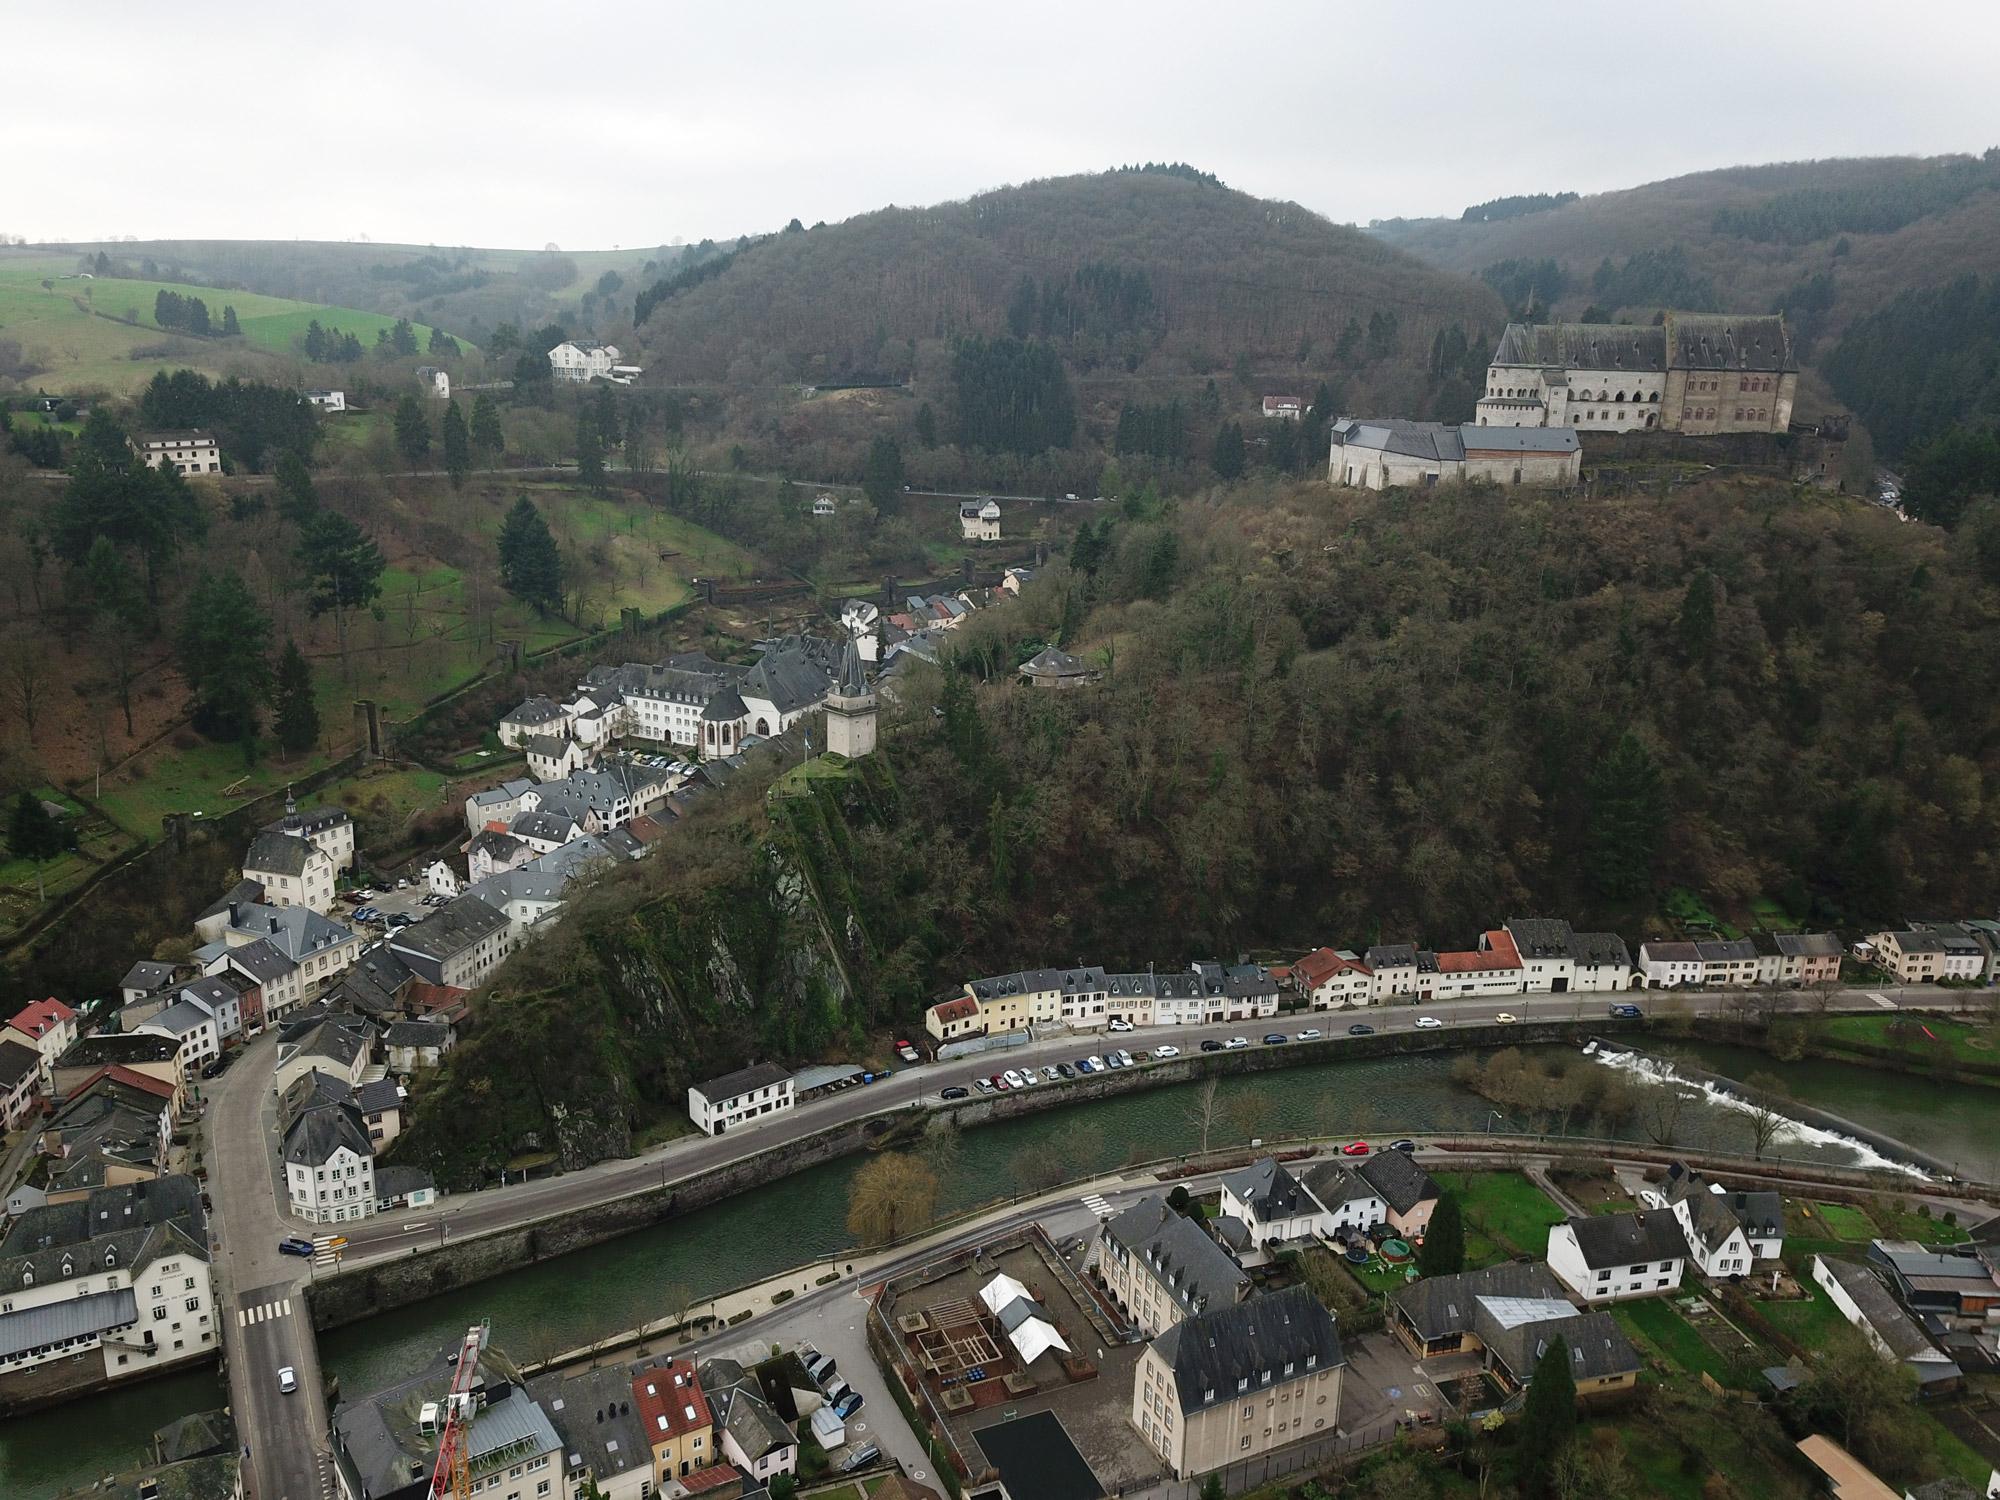 Foto van de maand: januari 2018 - Vianden, Luxemburg